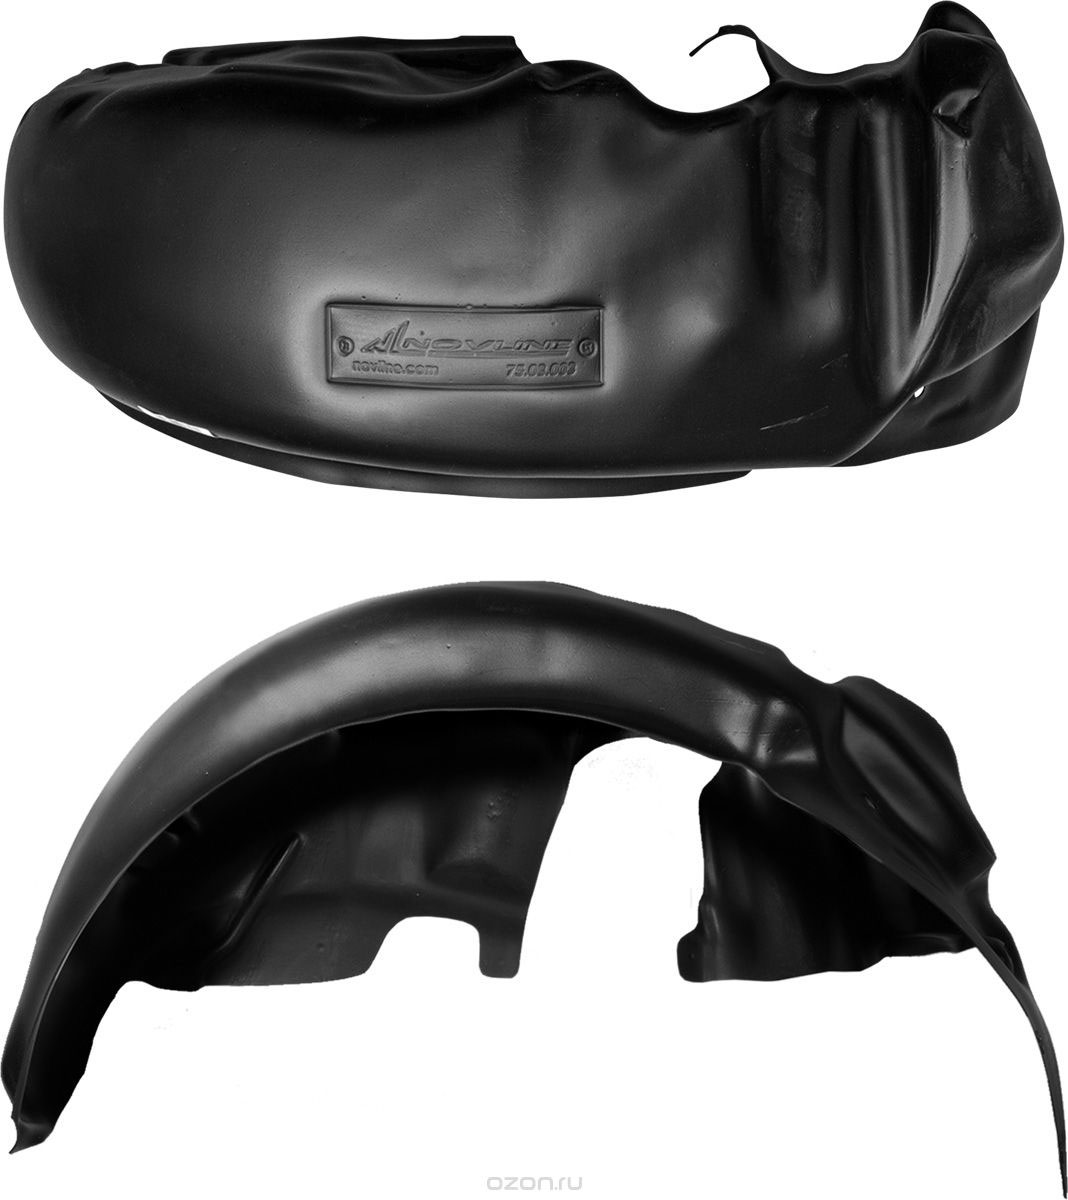 Подкрылок Novline-Autofamily, для Ford Transit, задний привод, односкат, 2014->, задний левыйNLL.16.54.003Идеальная защита колесной ниши. Локеры разработаны с применением цифровых технологий, гарантируют максимальную повторяемость поверхности арки. Изделия устанавливаются без нарушения лакокрасочного покрытия автомобиля, каждый подкрылок комплектуется крепежом. Уважаемые клиенты, обращаем ваше внимание, что фотографии на подкрылки универсальные и не отражают реальную форму изделия. При этом само изделие идет точно под размер указанного автомобиля.